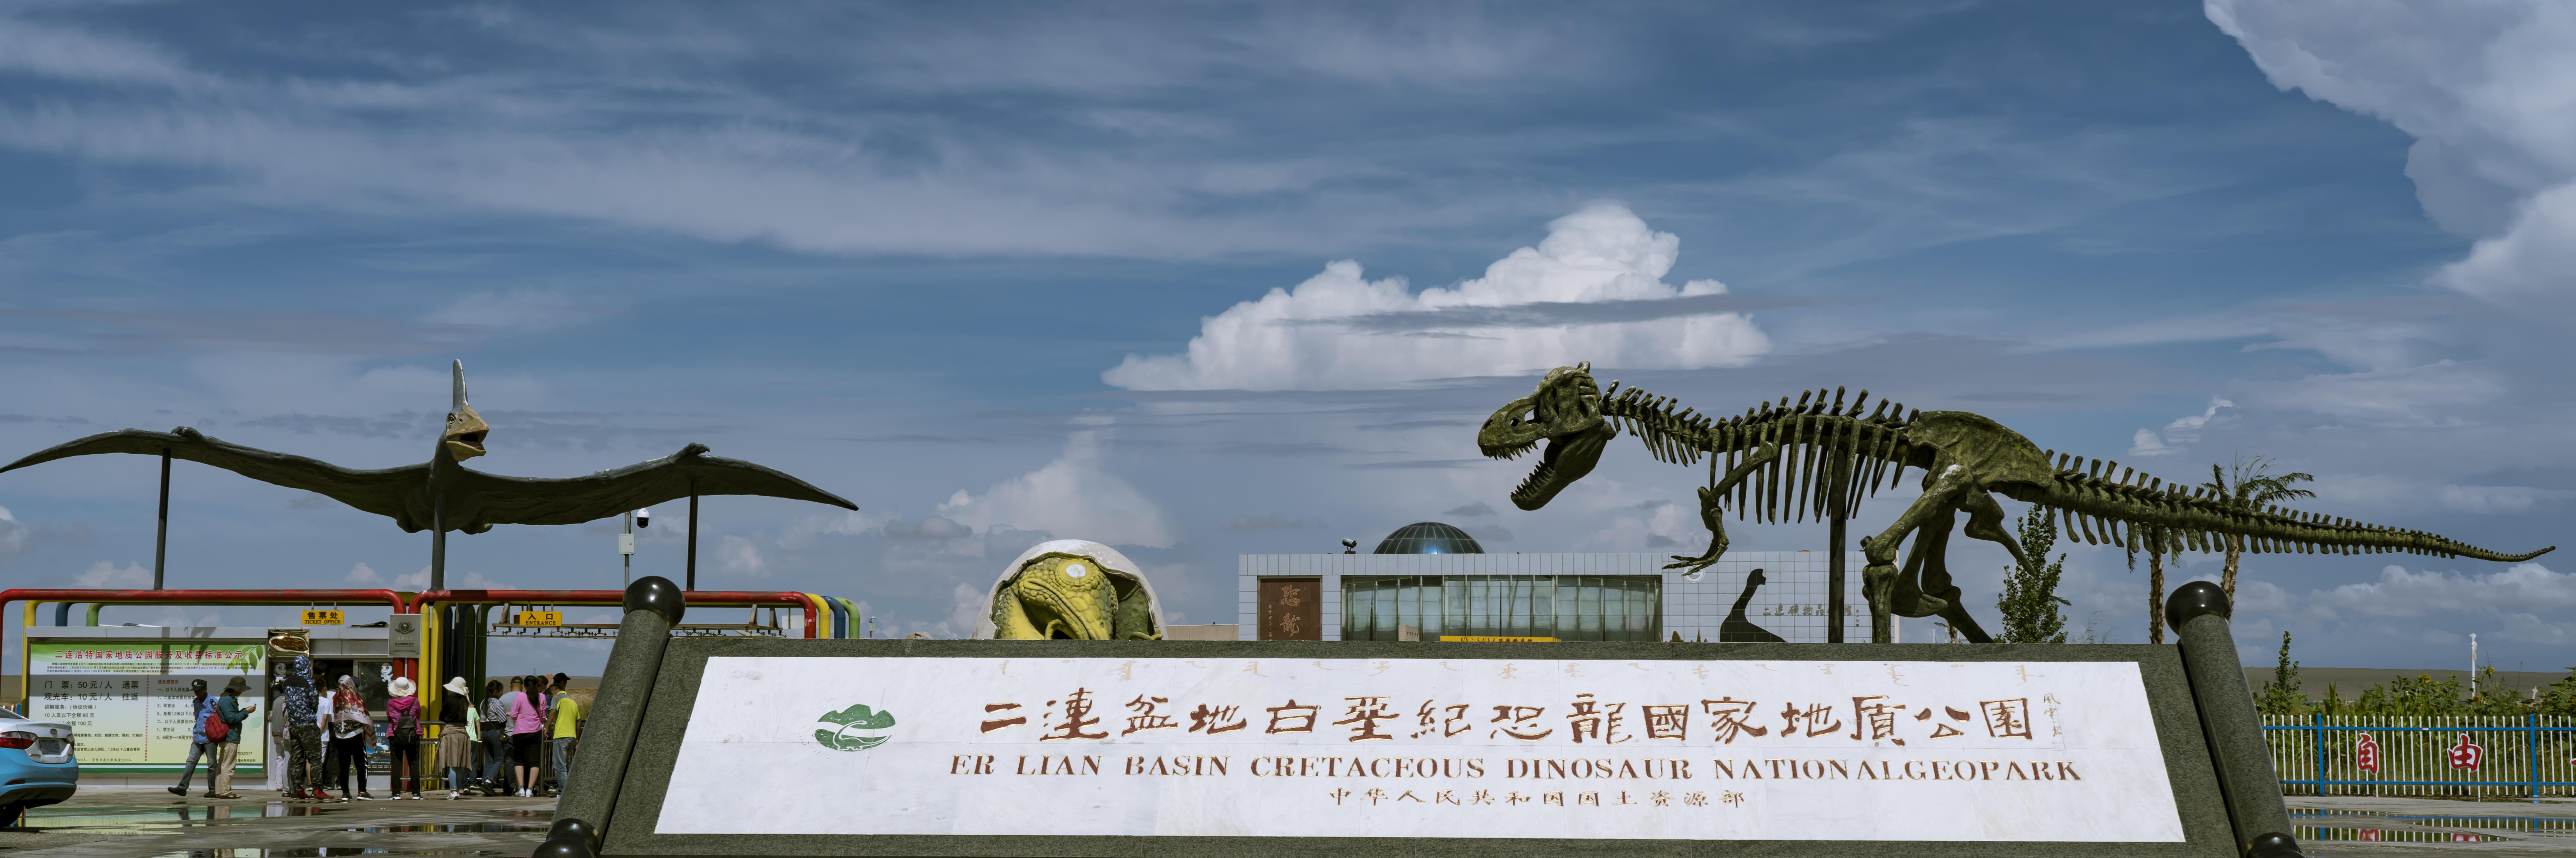 【鹿卡带你去旅行】中国二连虽小 但他家客厅大到可再现恐龙盛世